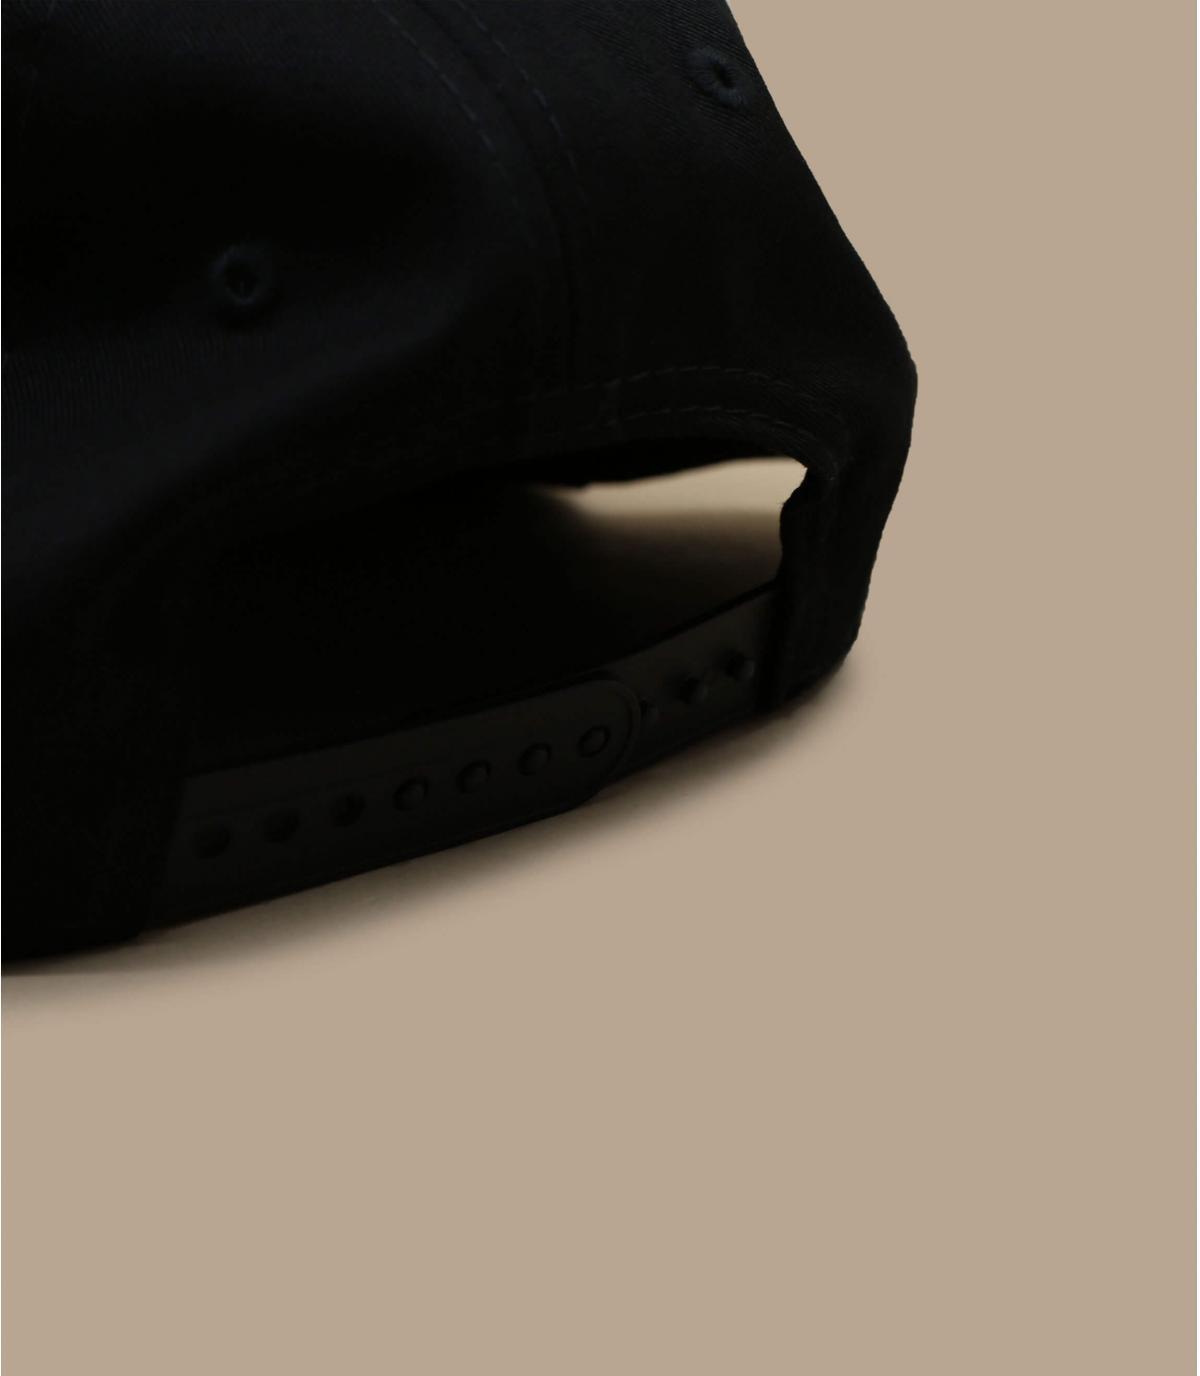 Details Snpaback Kids Essentials NY 950 black white - Abbildung 4